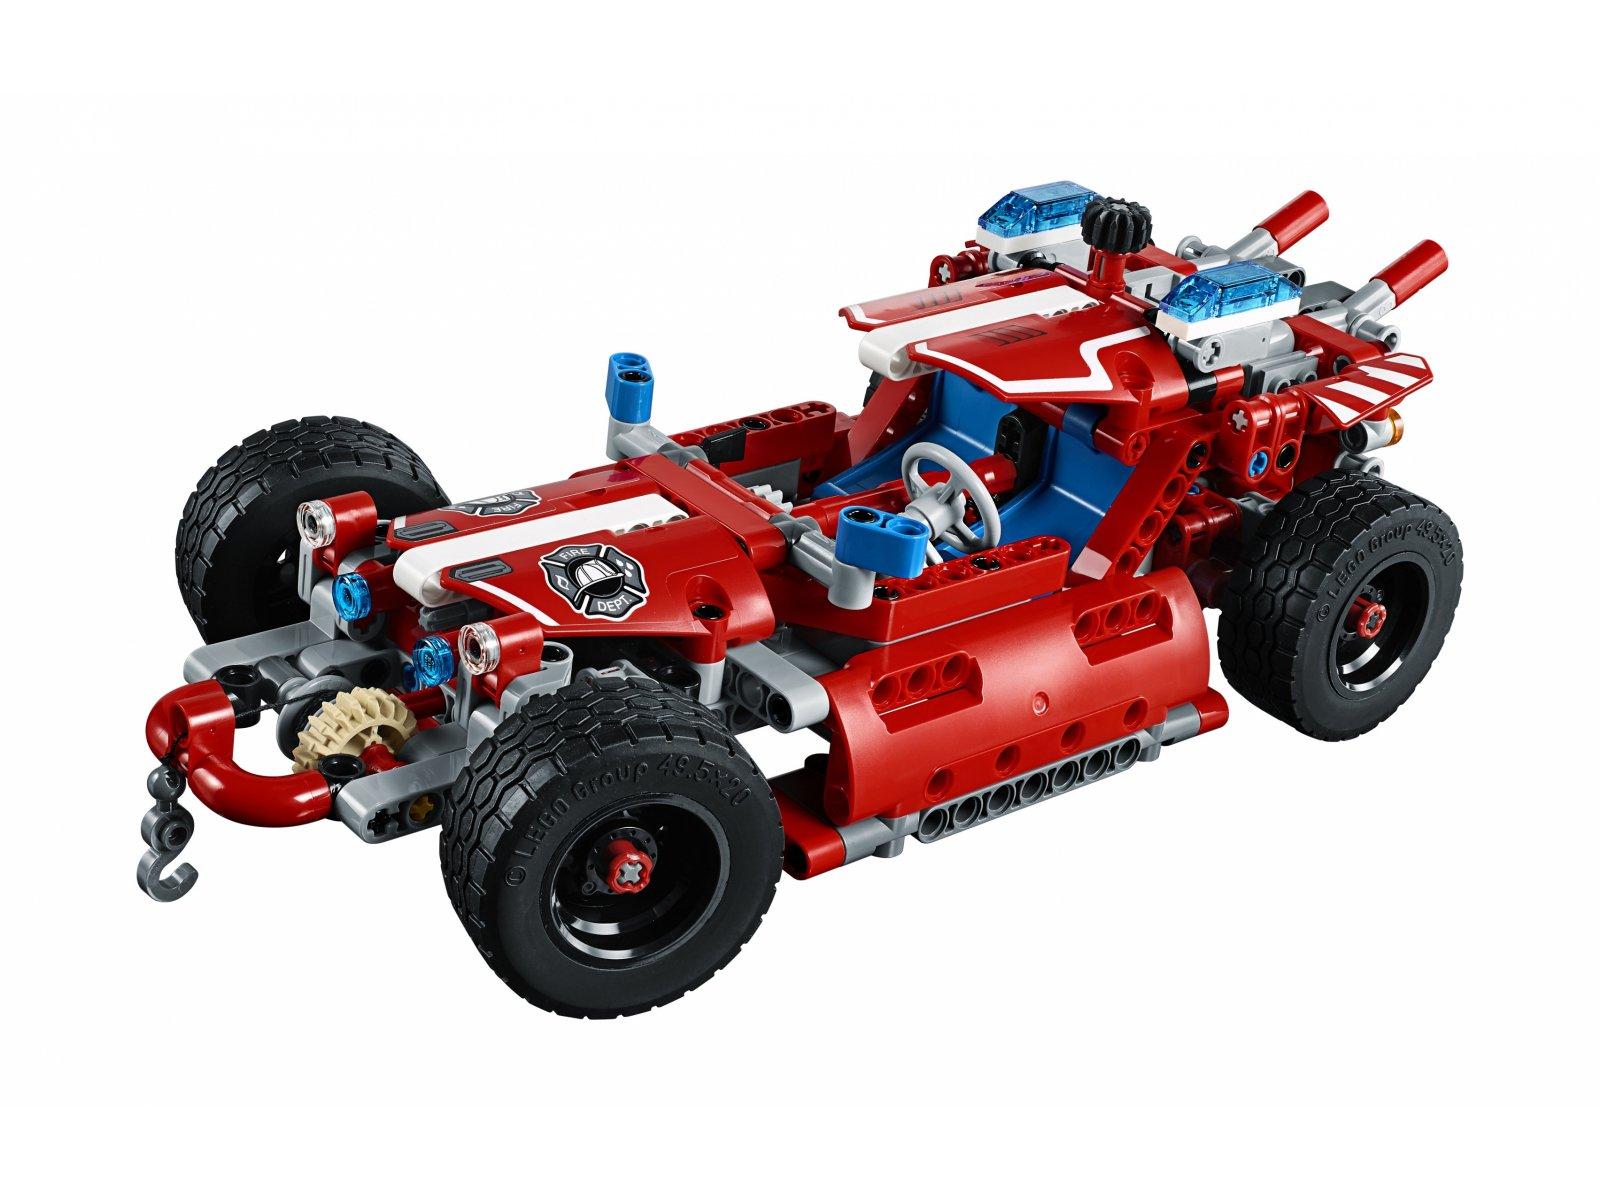 LEGO 42075 Technic Pojazd szybkiego reagowania